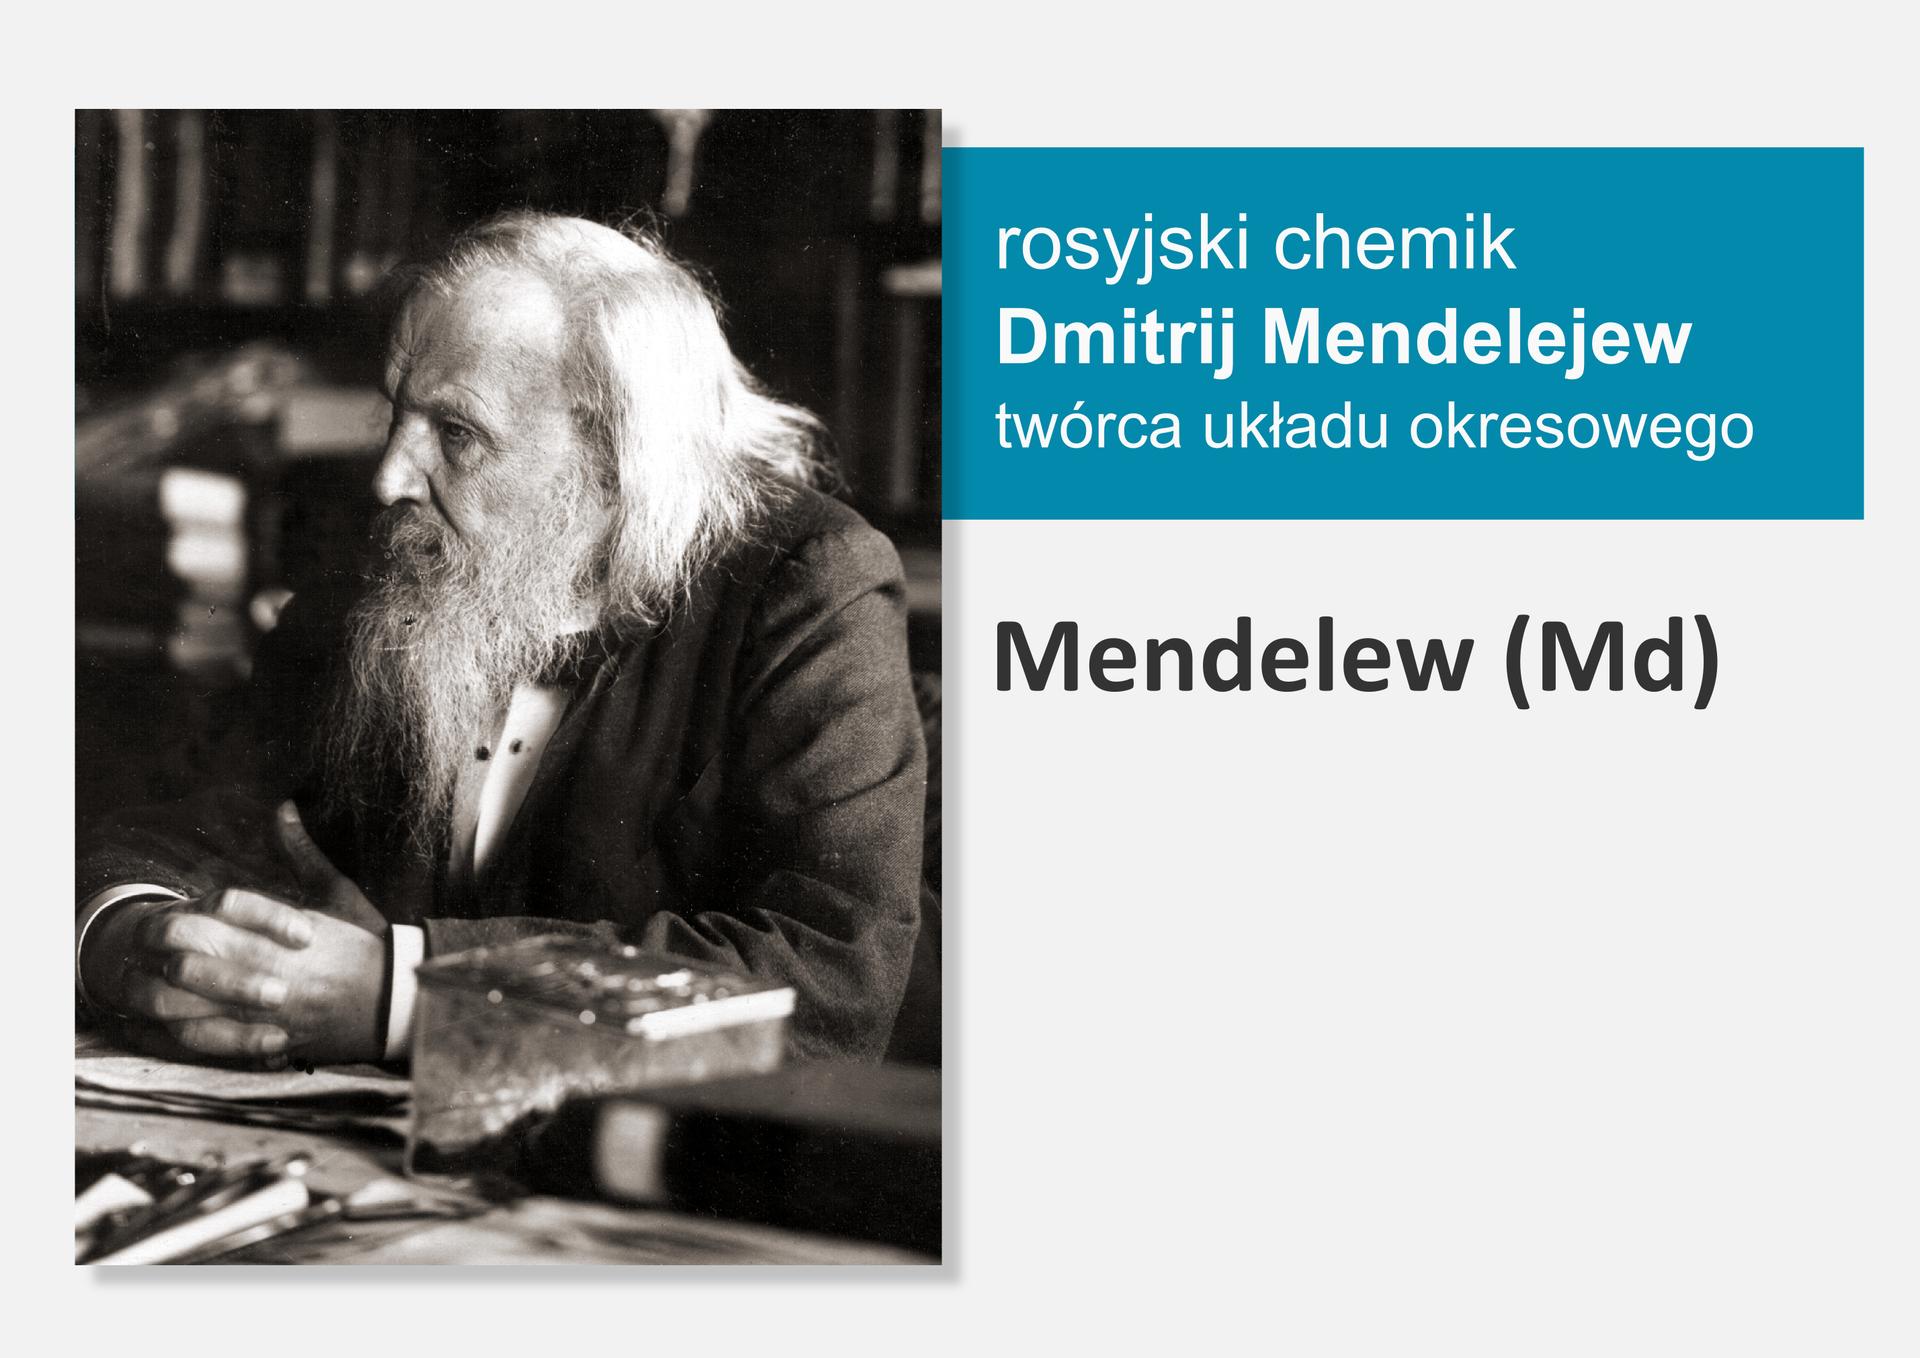 Fotografia rosyjskiego chemika Dmitrija Mendelejewa, obok nazwa isymbol pierwiastka Mendelew (Md)